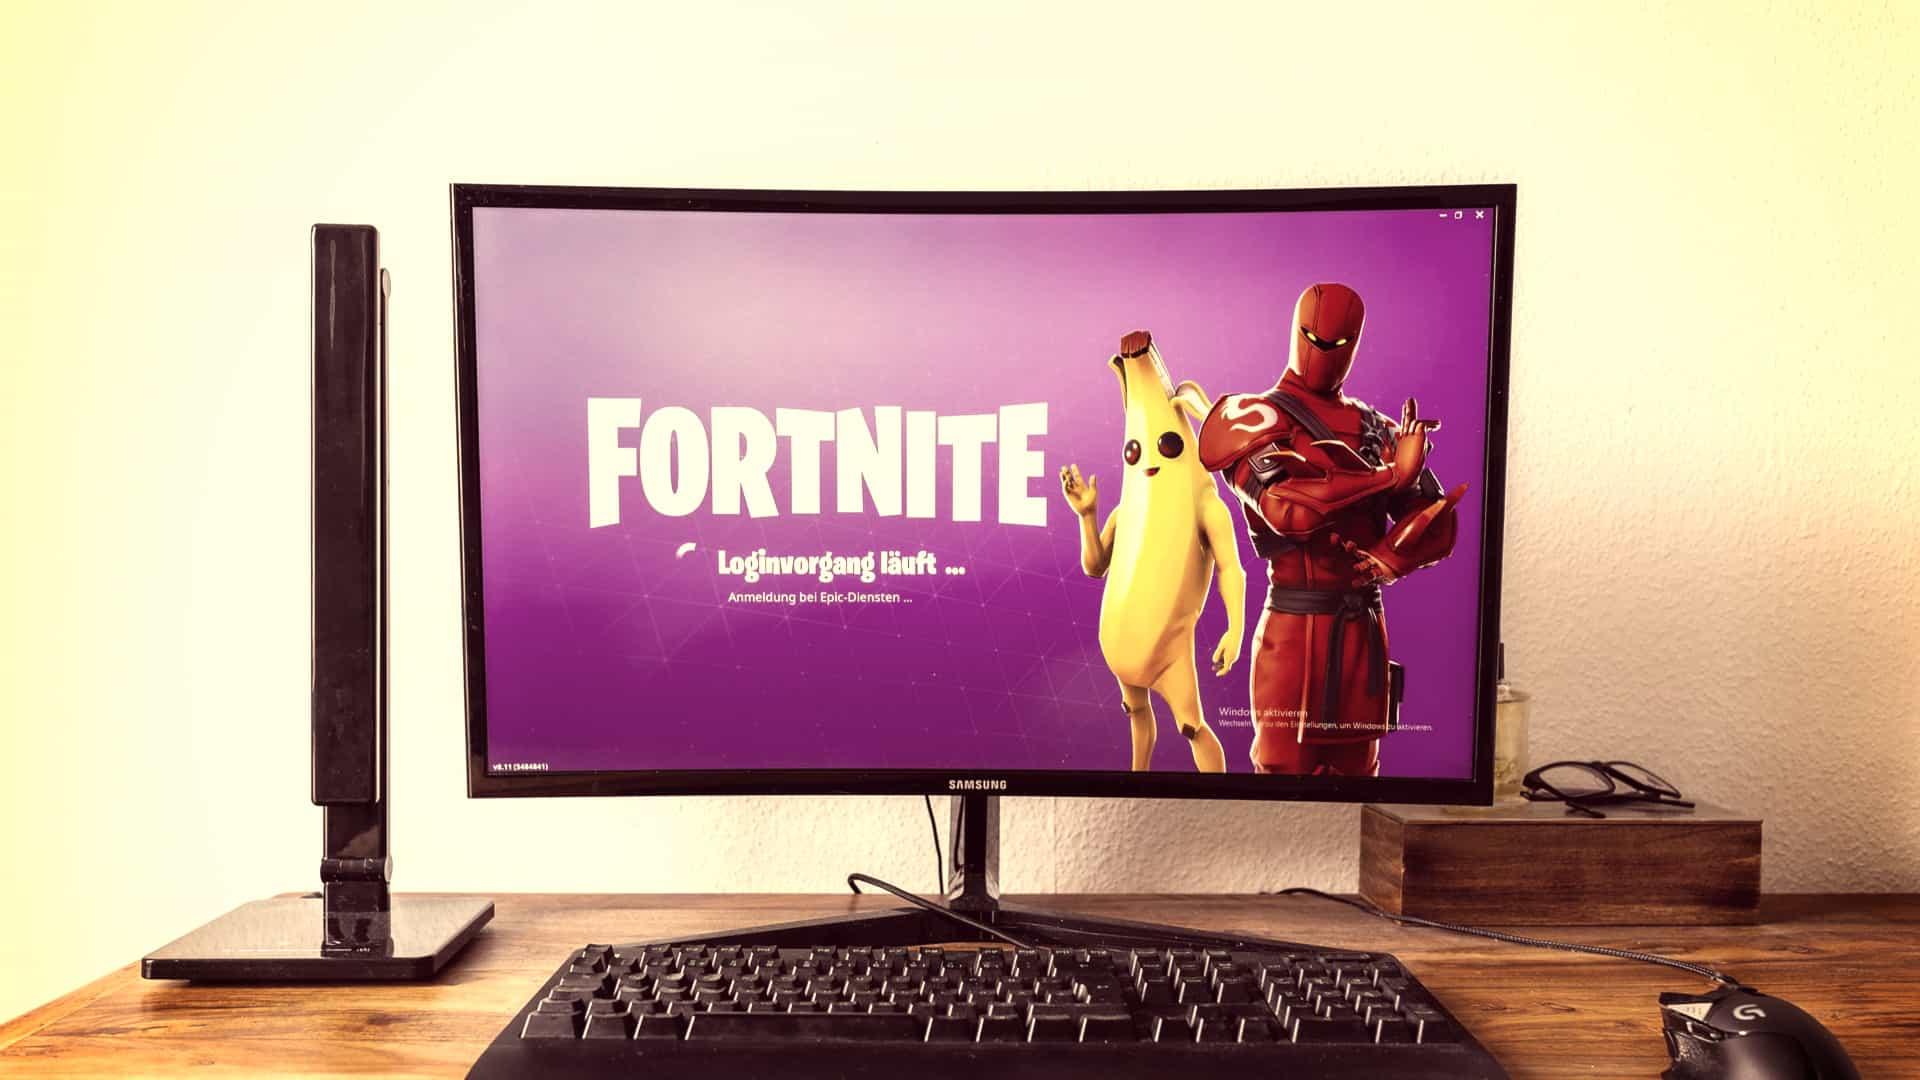 En computer skærm med Fortnite spillet